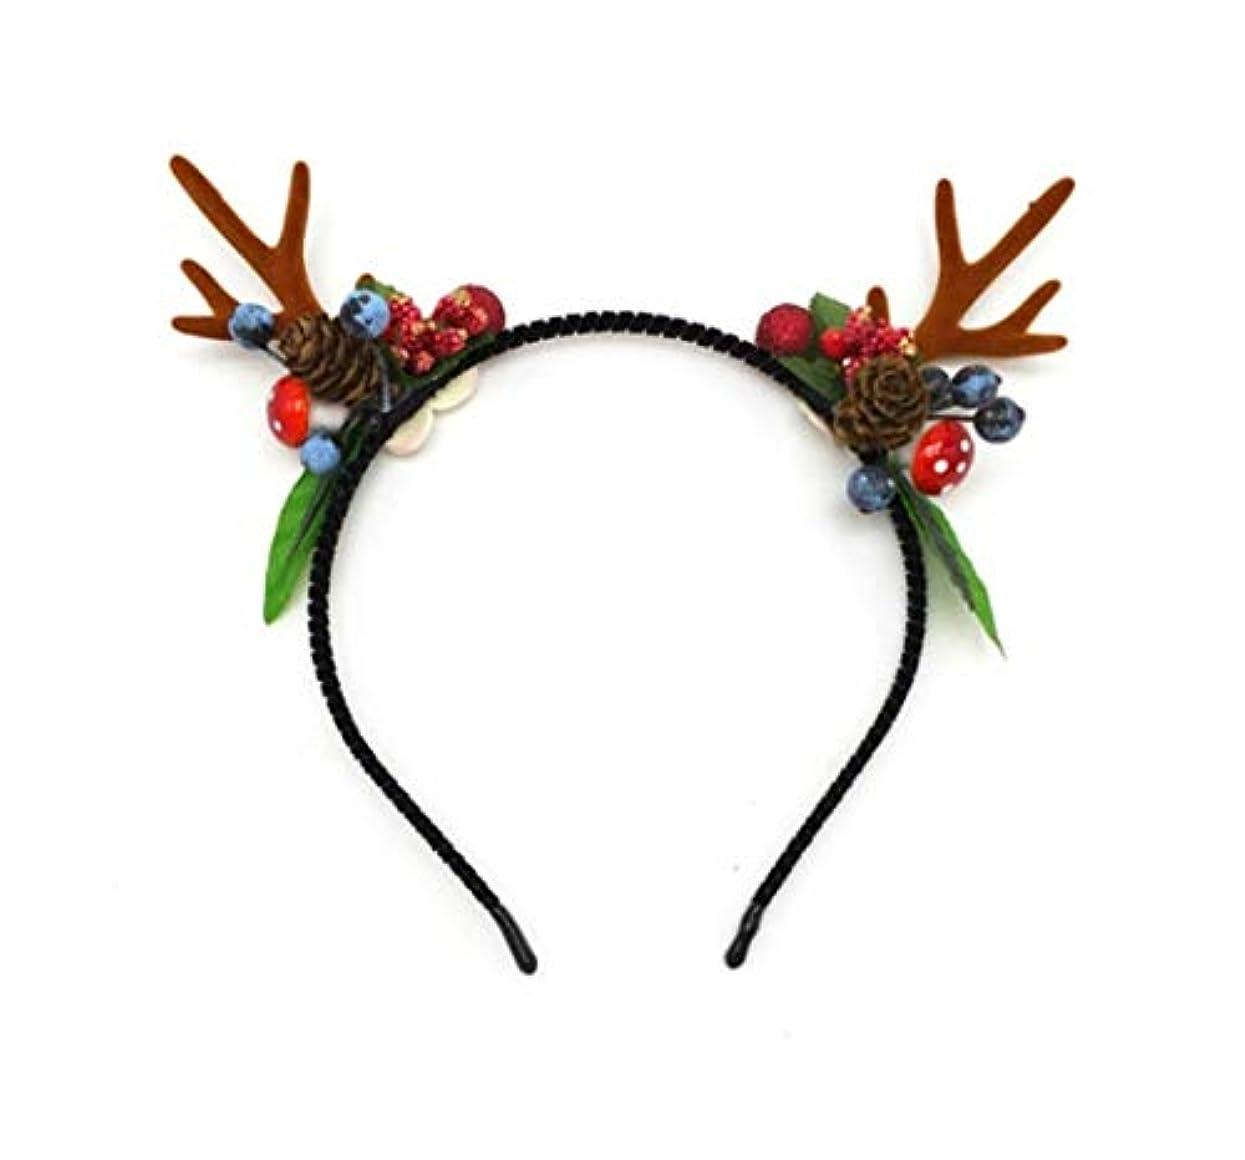 規則性焦げライタークリスマス枝角のヘアクリップ飾り森女性のヘラジカは、女性のヘアアクセサリーヘアピンネット赤いクリップいちごジャムキノコアントラーズヘッドバンド (Size : C)